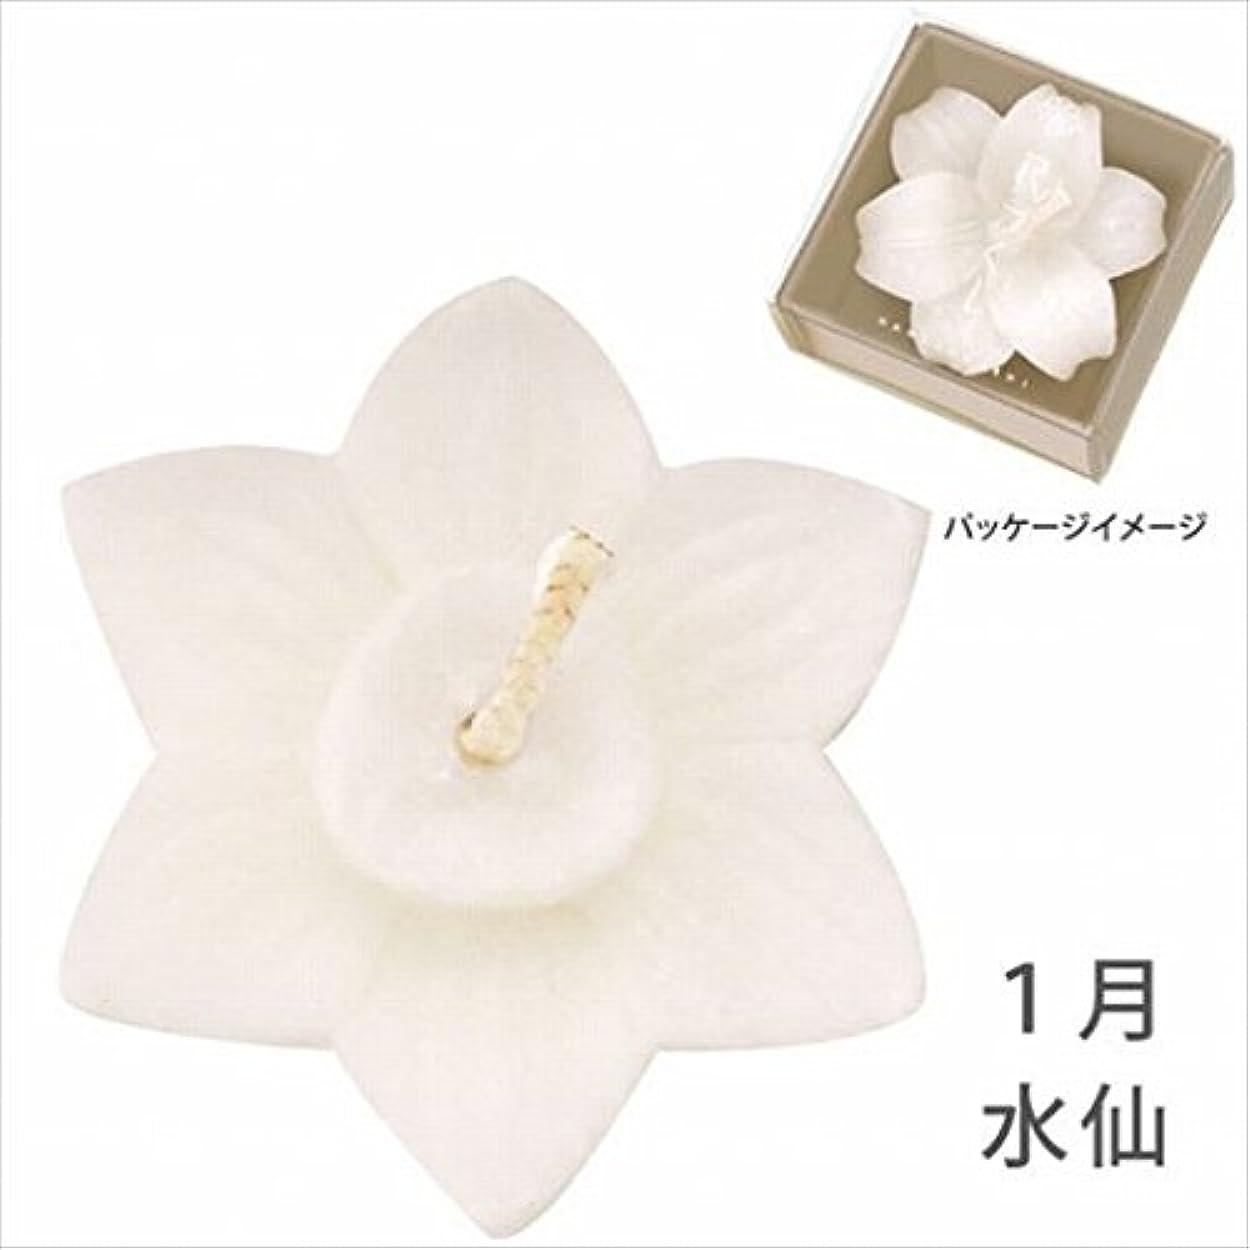 城協力するシュリンクカメヤマキャンドル( kameyama candle ) 花づくし(植物性) 水仙 「 水仙(1月) 」 キャンドル